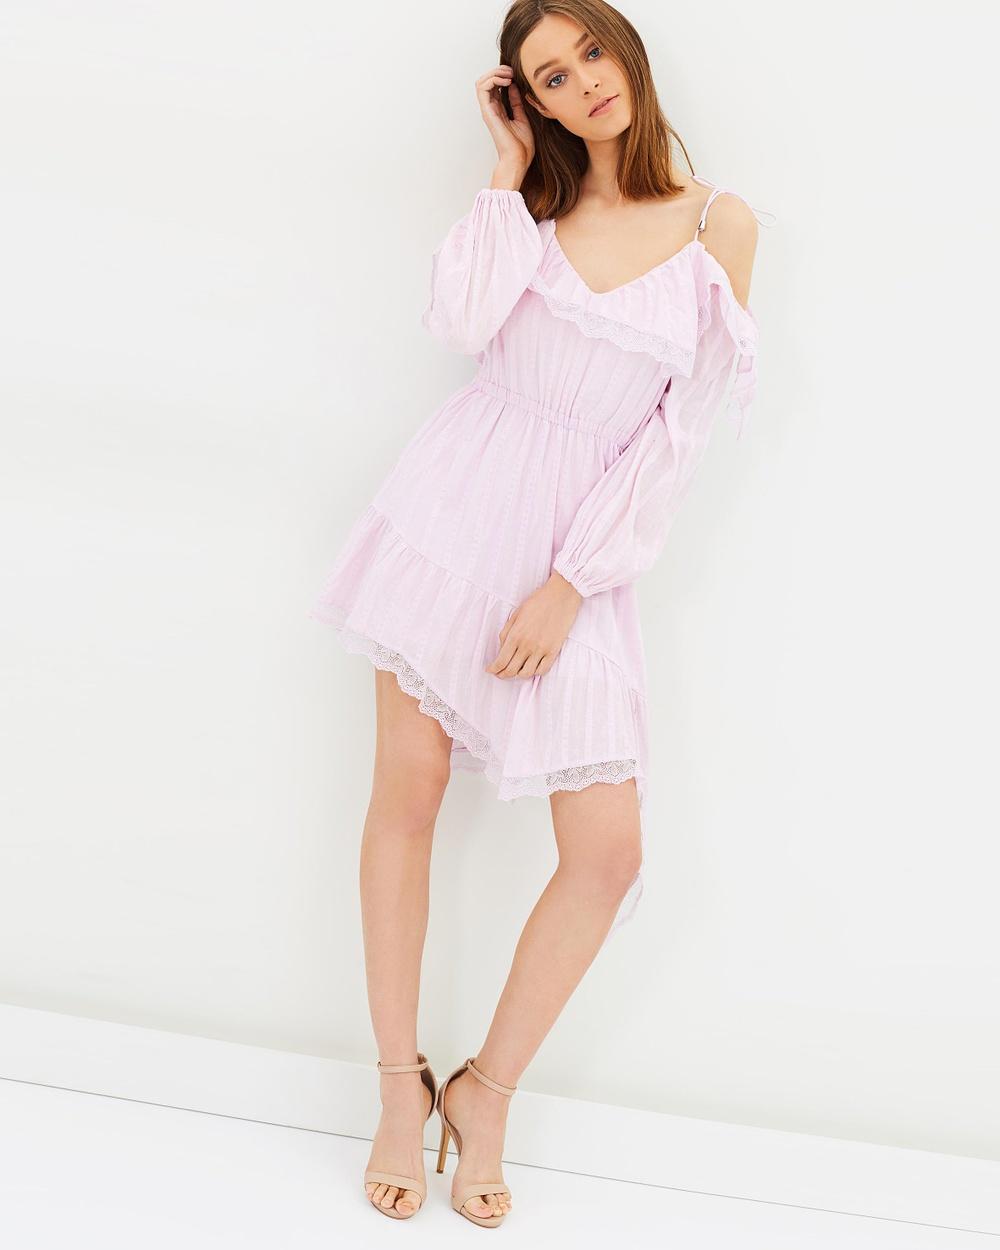 Steele Tatiana LS Dress Dresses Powder Tatiana LS Dress